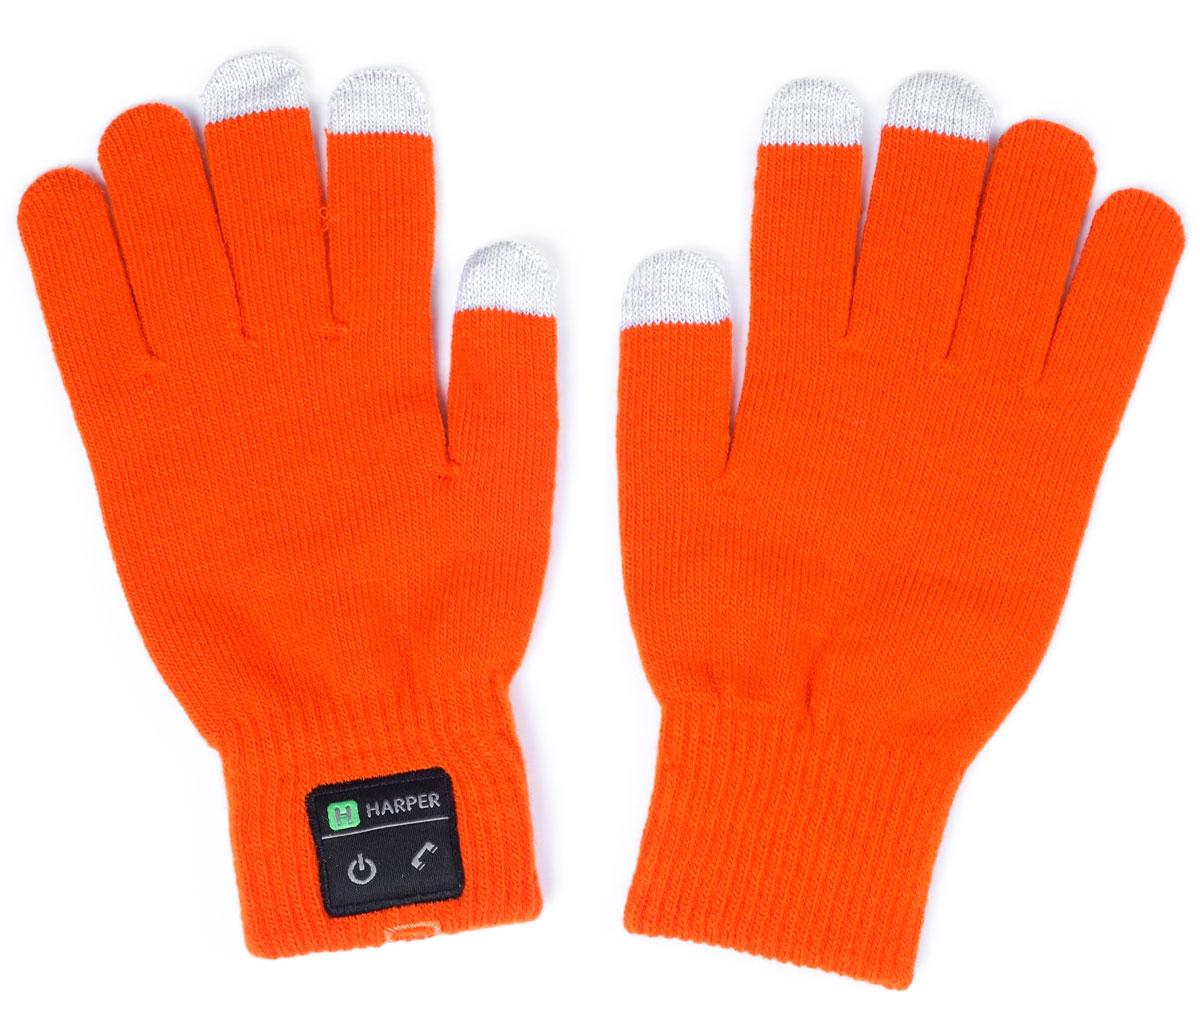 Harper HB-502, Orange перчатки с Bluetooth-гарнитуройH00000920Перчатки Harper HB-502 с Bluetooth-гарнитурой. В основе используется качественный материал, состоящий из акрила - 84%, спандекса - 10%, полиэстра - 6%. Аккуратная пряжа, шерсть не раздражает руки, без посторонних запахов. Неплохо согревают в зимнее время. В перчатках можно управлять устройством, не снимая их. Динамик расположен в большом пальце левой перчатки, а микрофон в мизинце. Модуль с двумя механическими кнопками (включение и ответ на вызов) находится на боковой части. Для того чтобы не пропустить входящий вызов, в конструкции корпуса предусмотрена вибрация. Размер: M